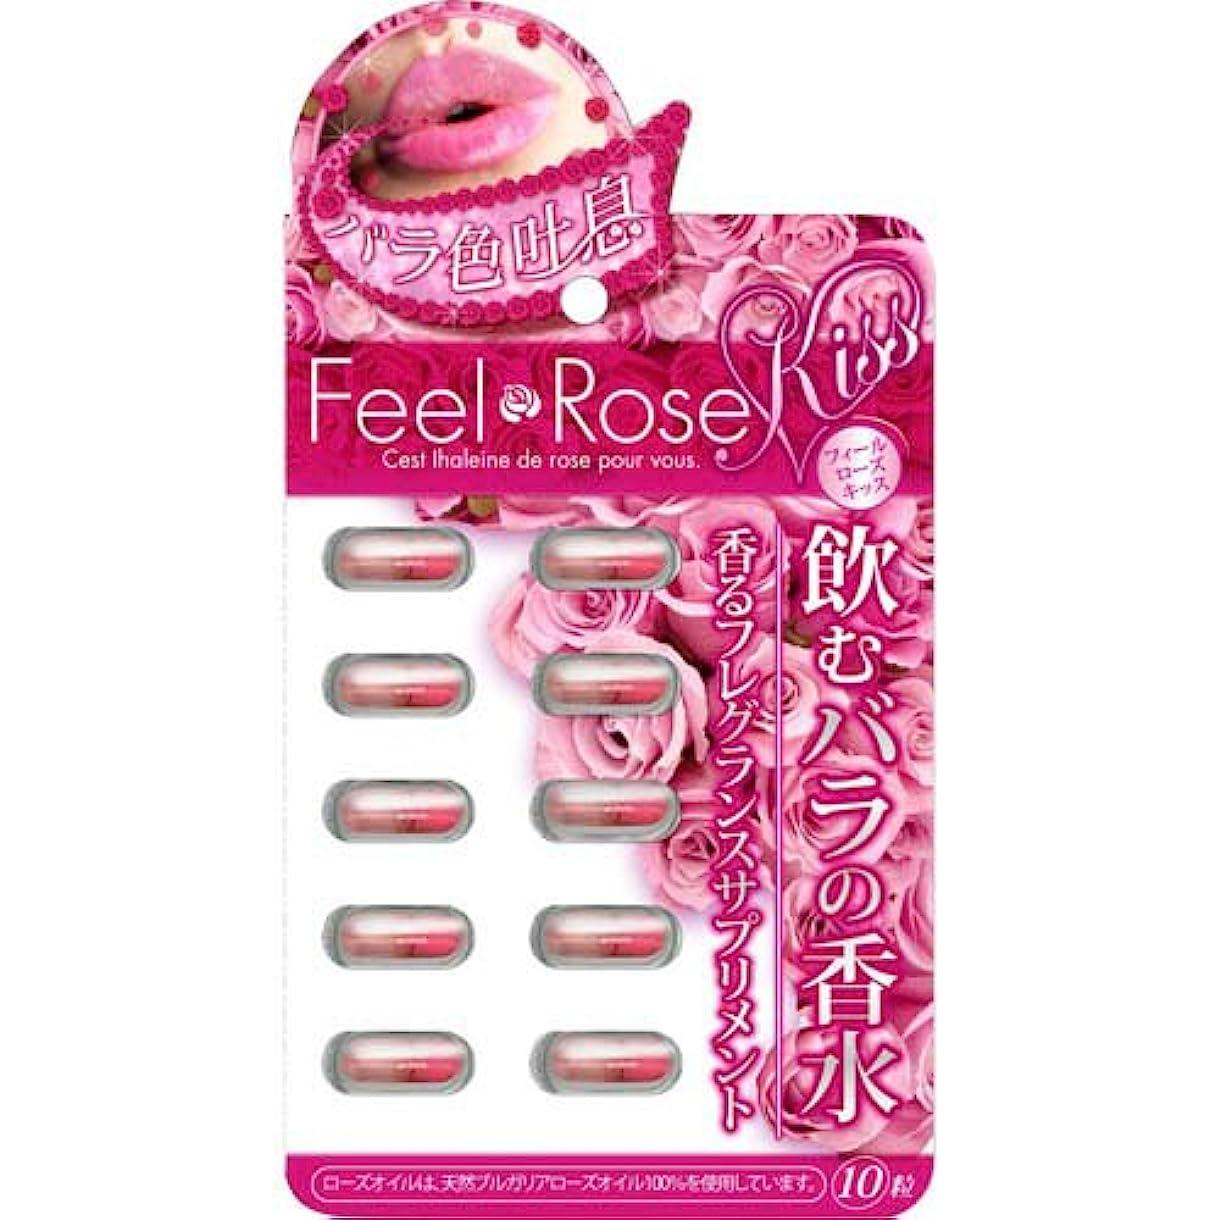 エコー有用いらいらさせるプラセス製薬 Feel Rose Kiss(フィールローズキス) 10粒